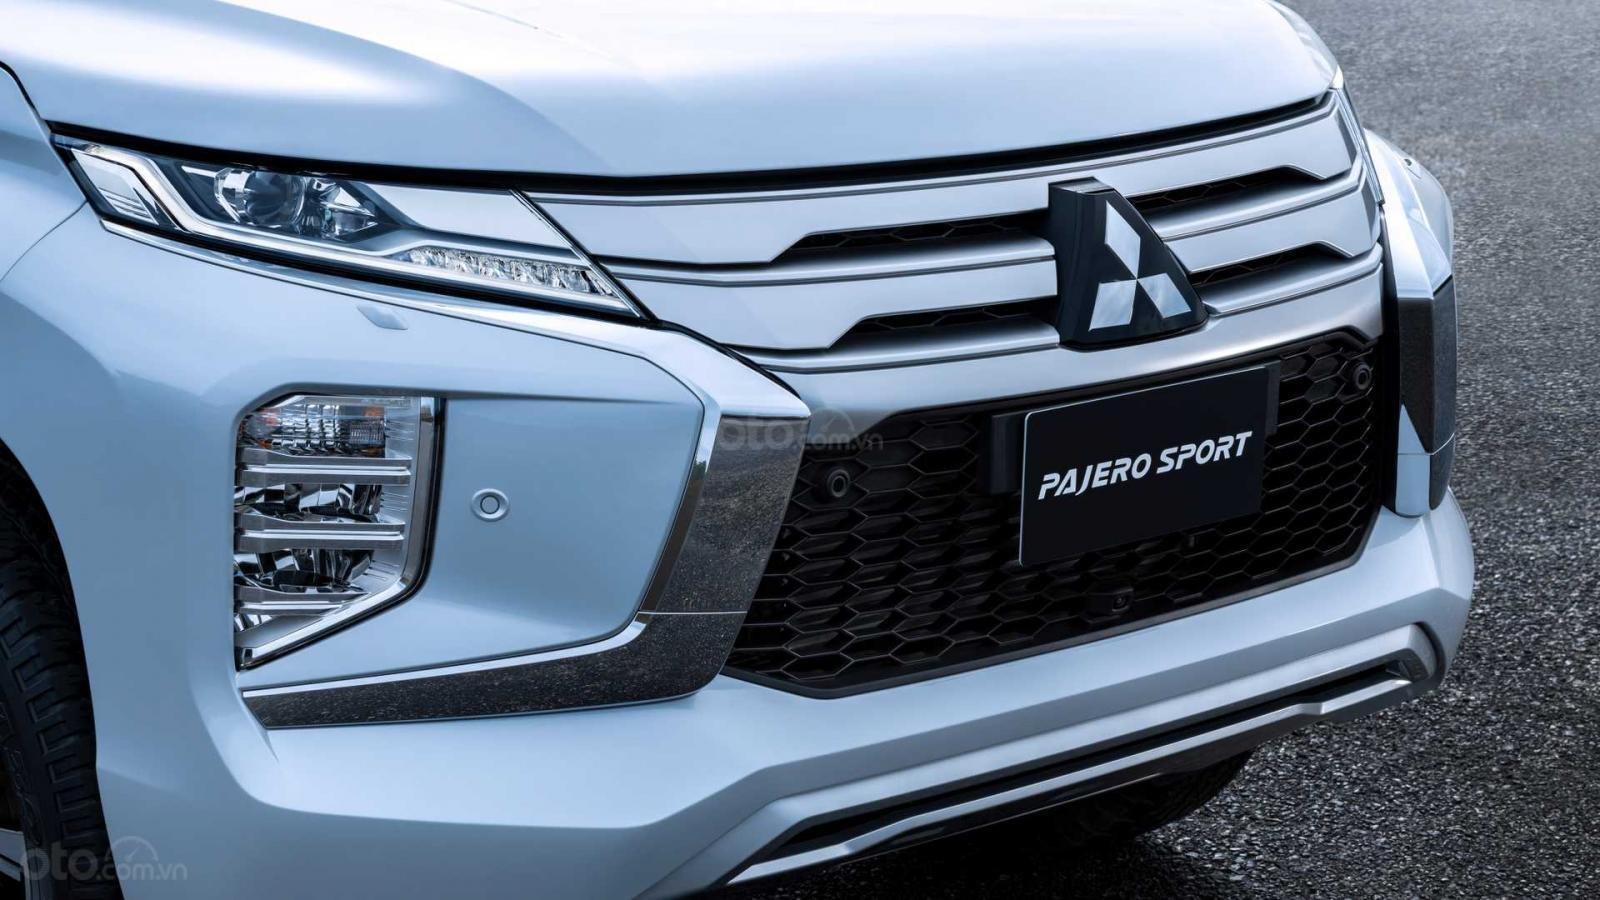 Nhìn nhanh điểm mới của Mitsubishi Pajero Sport 2020 so với bản cũ qua ảnh a3